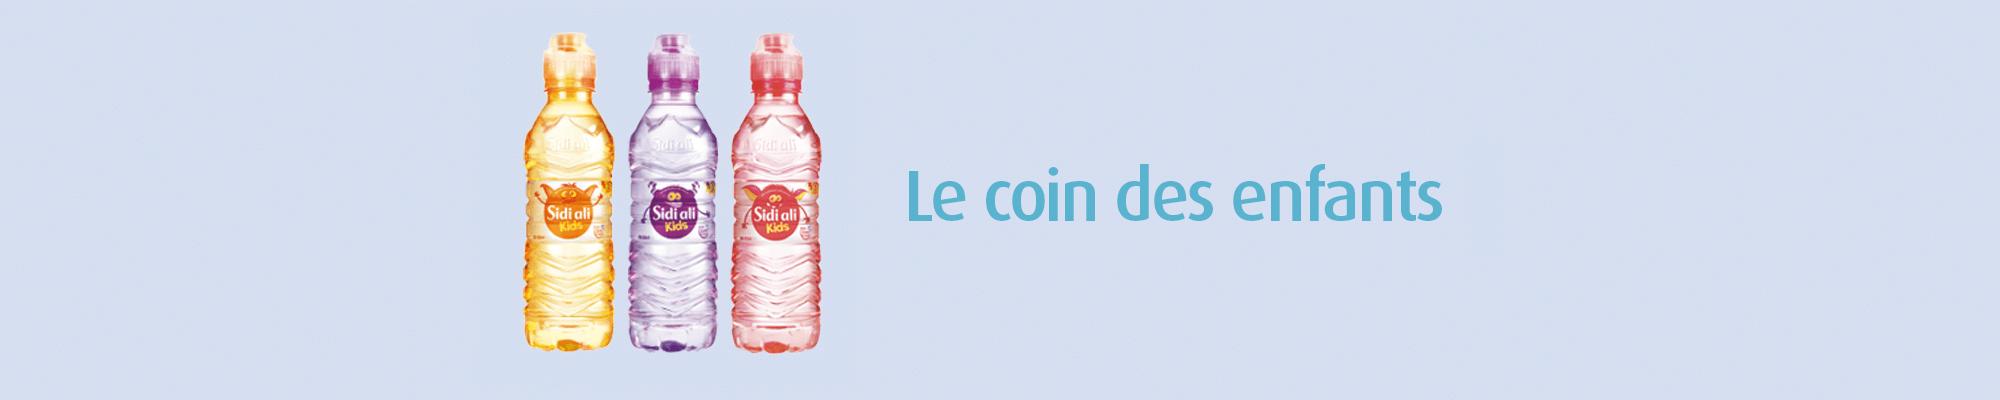 Sidi Ali Kids eau minérale pure non aromatisée. Livraison à domicile.